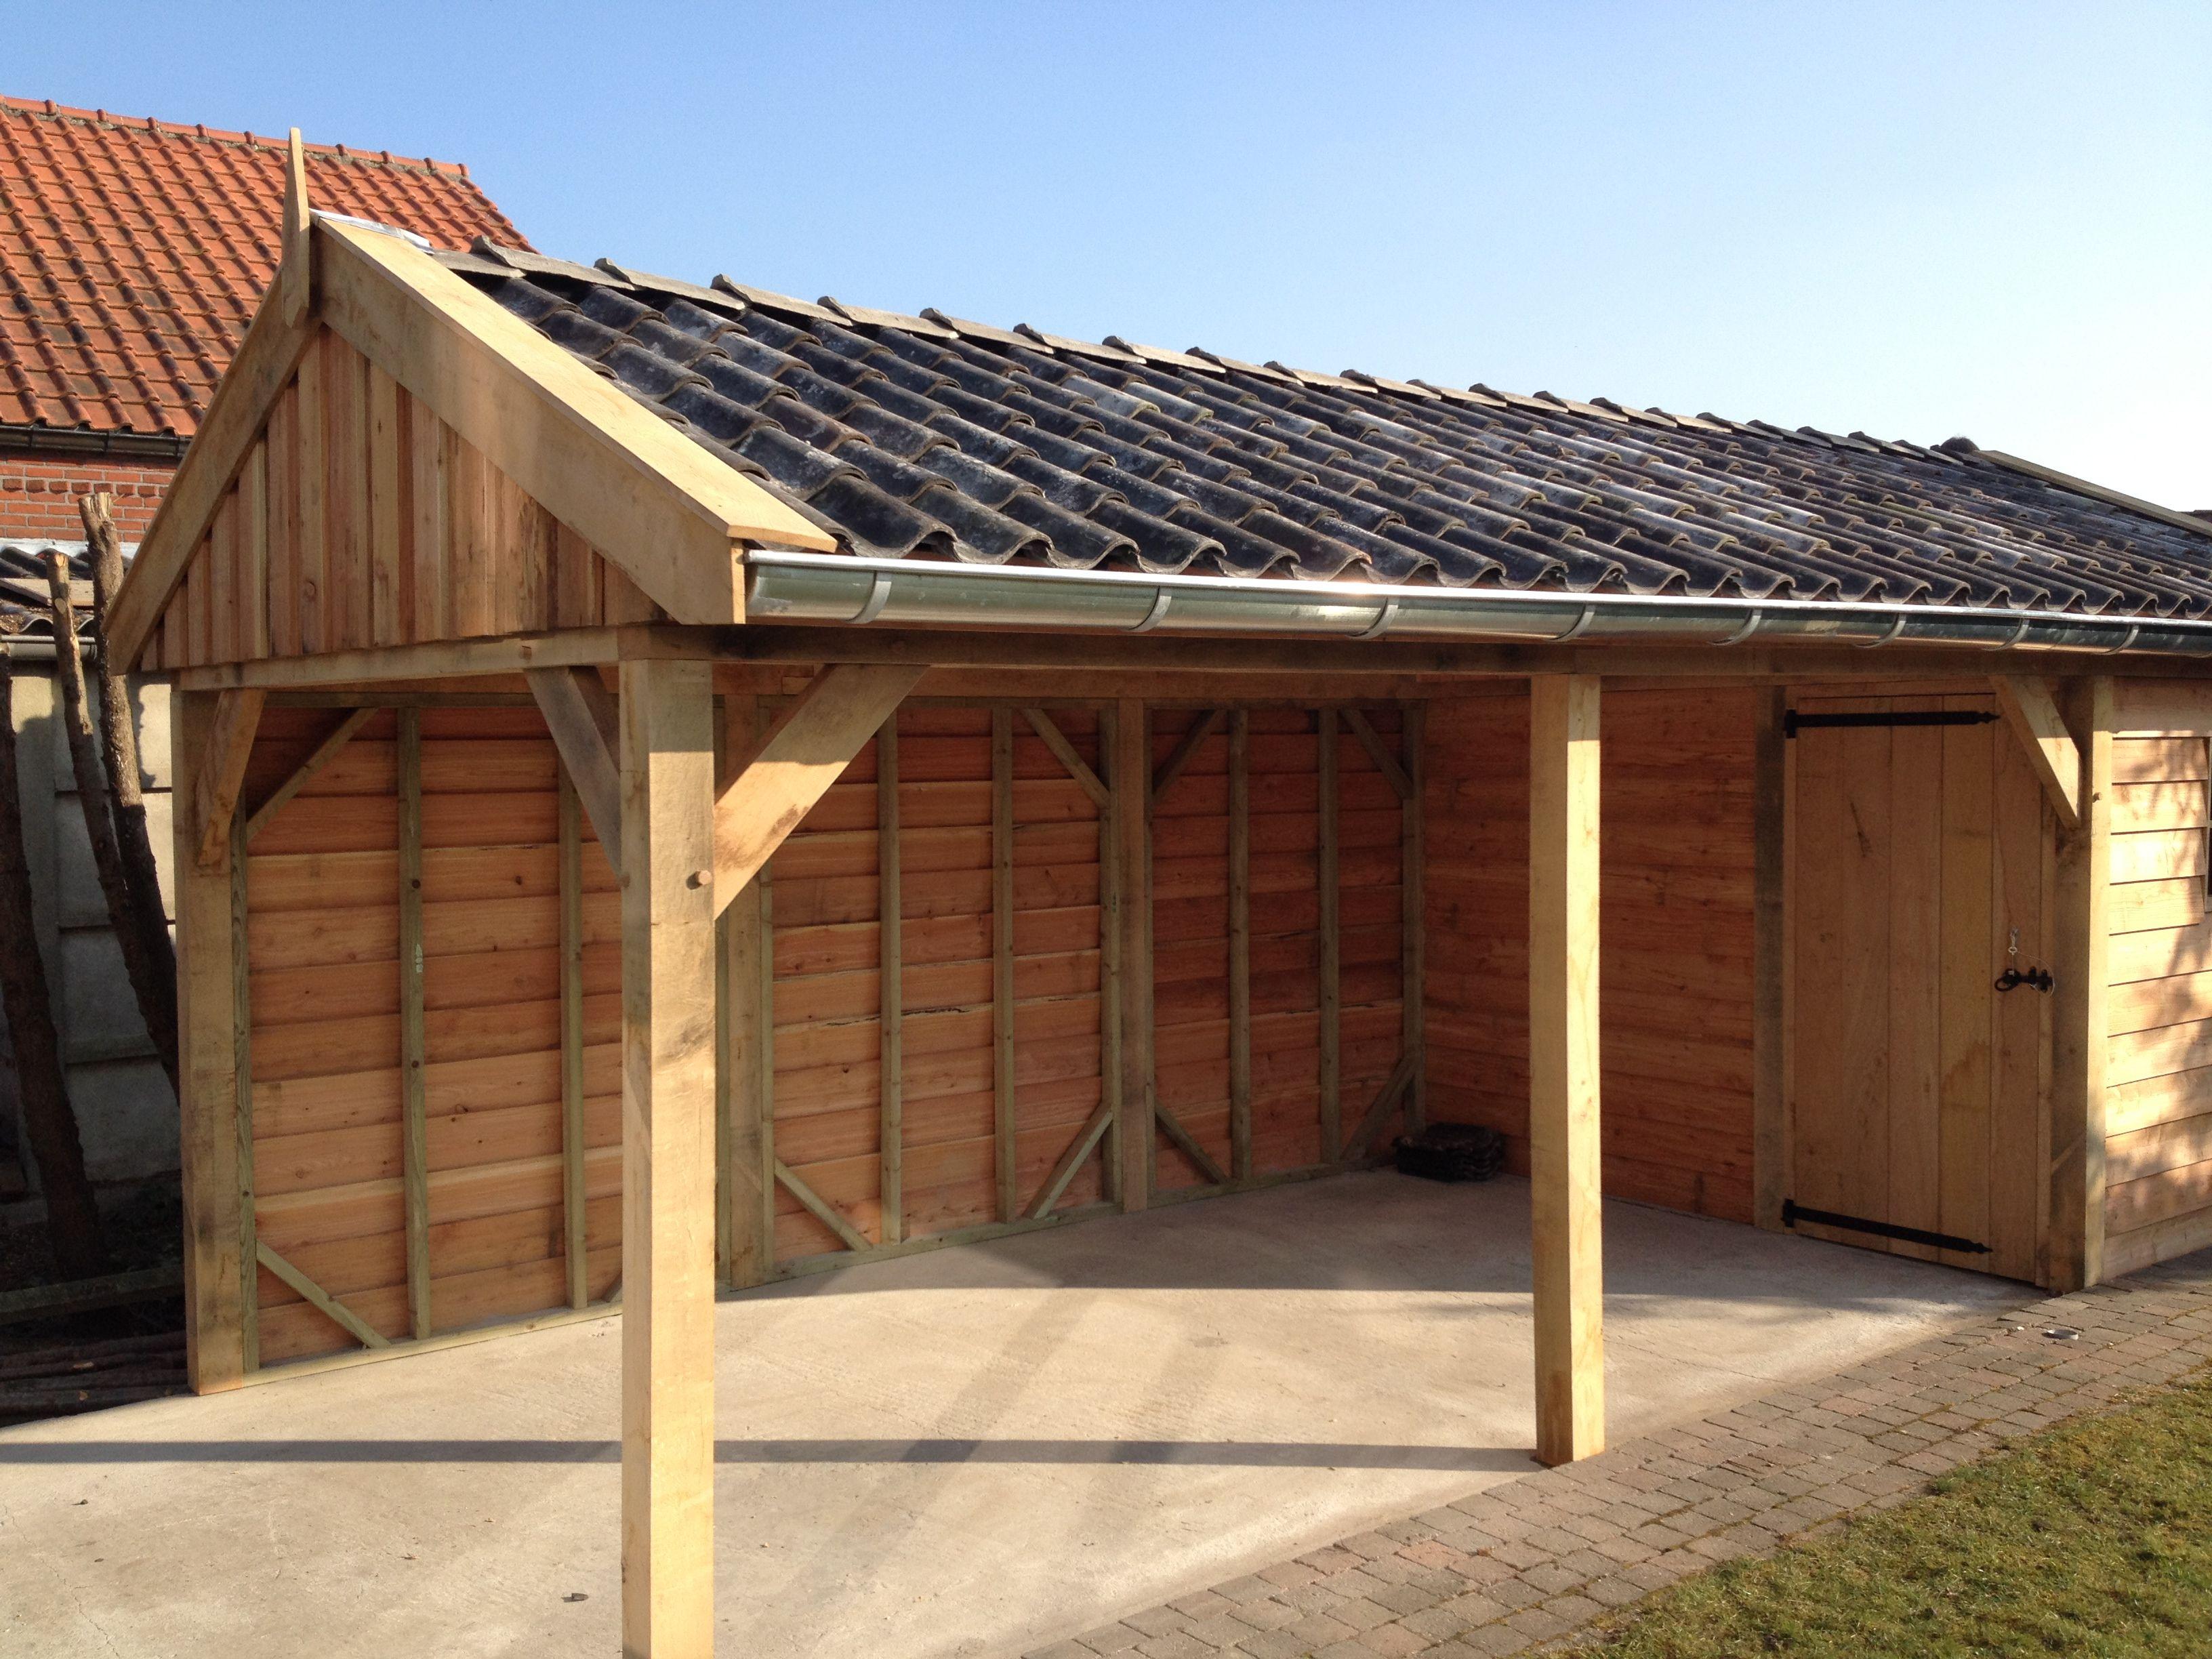 Eiken houten tuinhuis met carport. Houten tuinhuis met carport ...